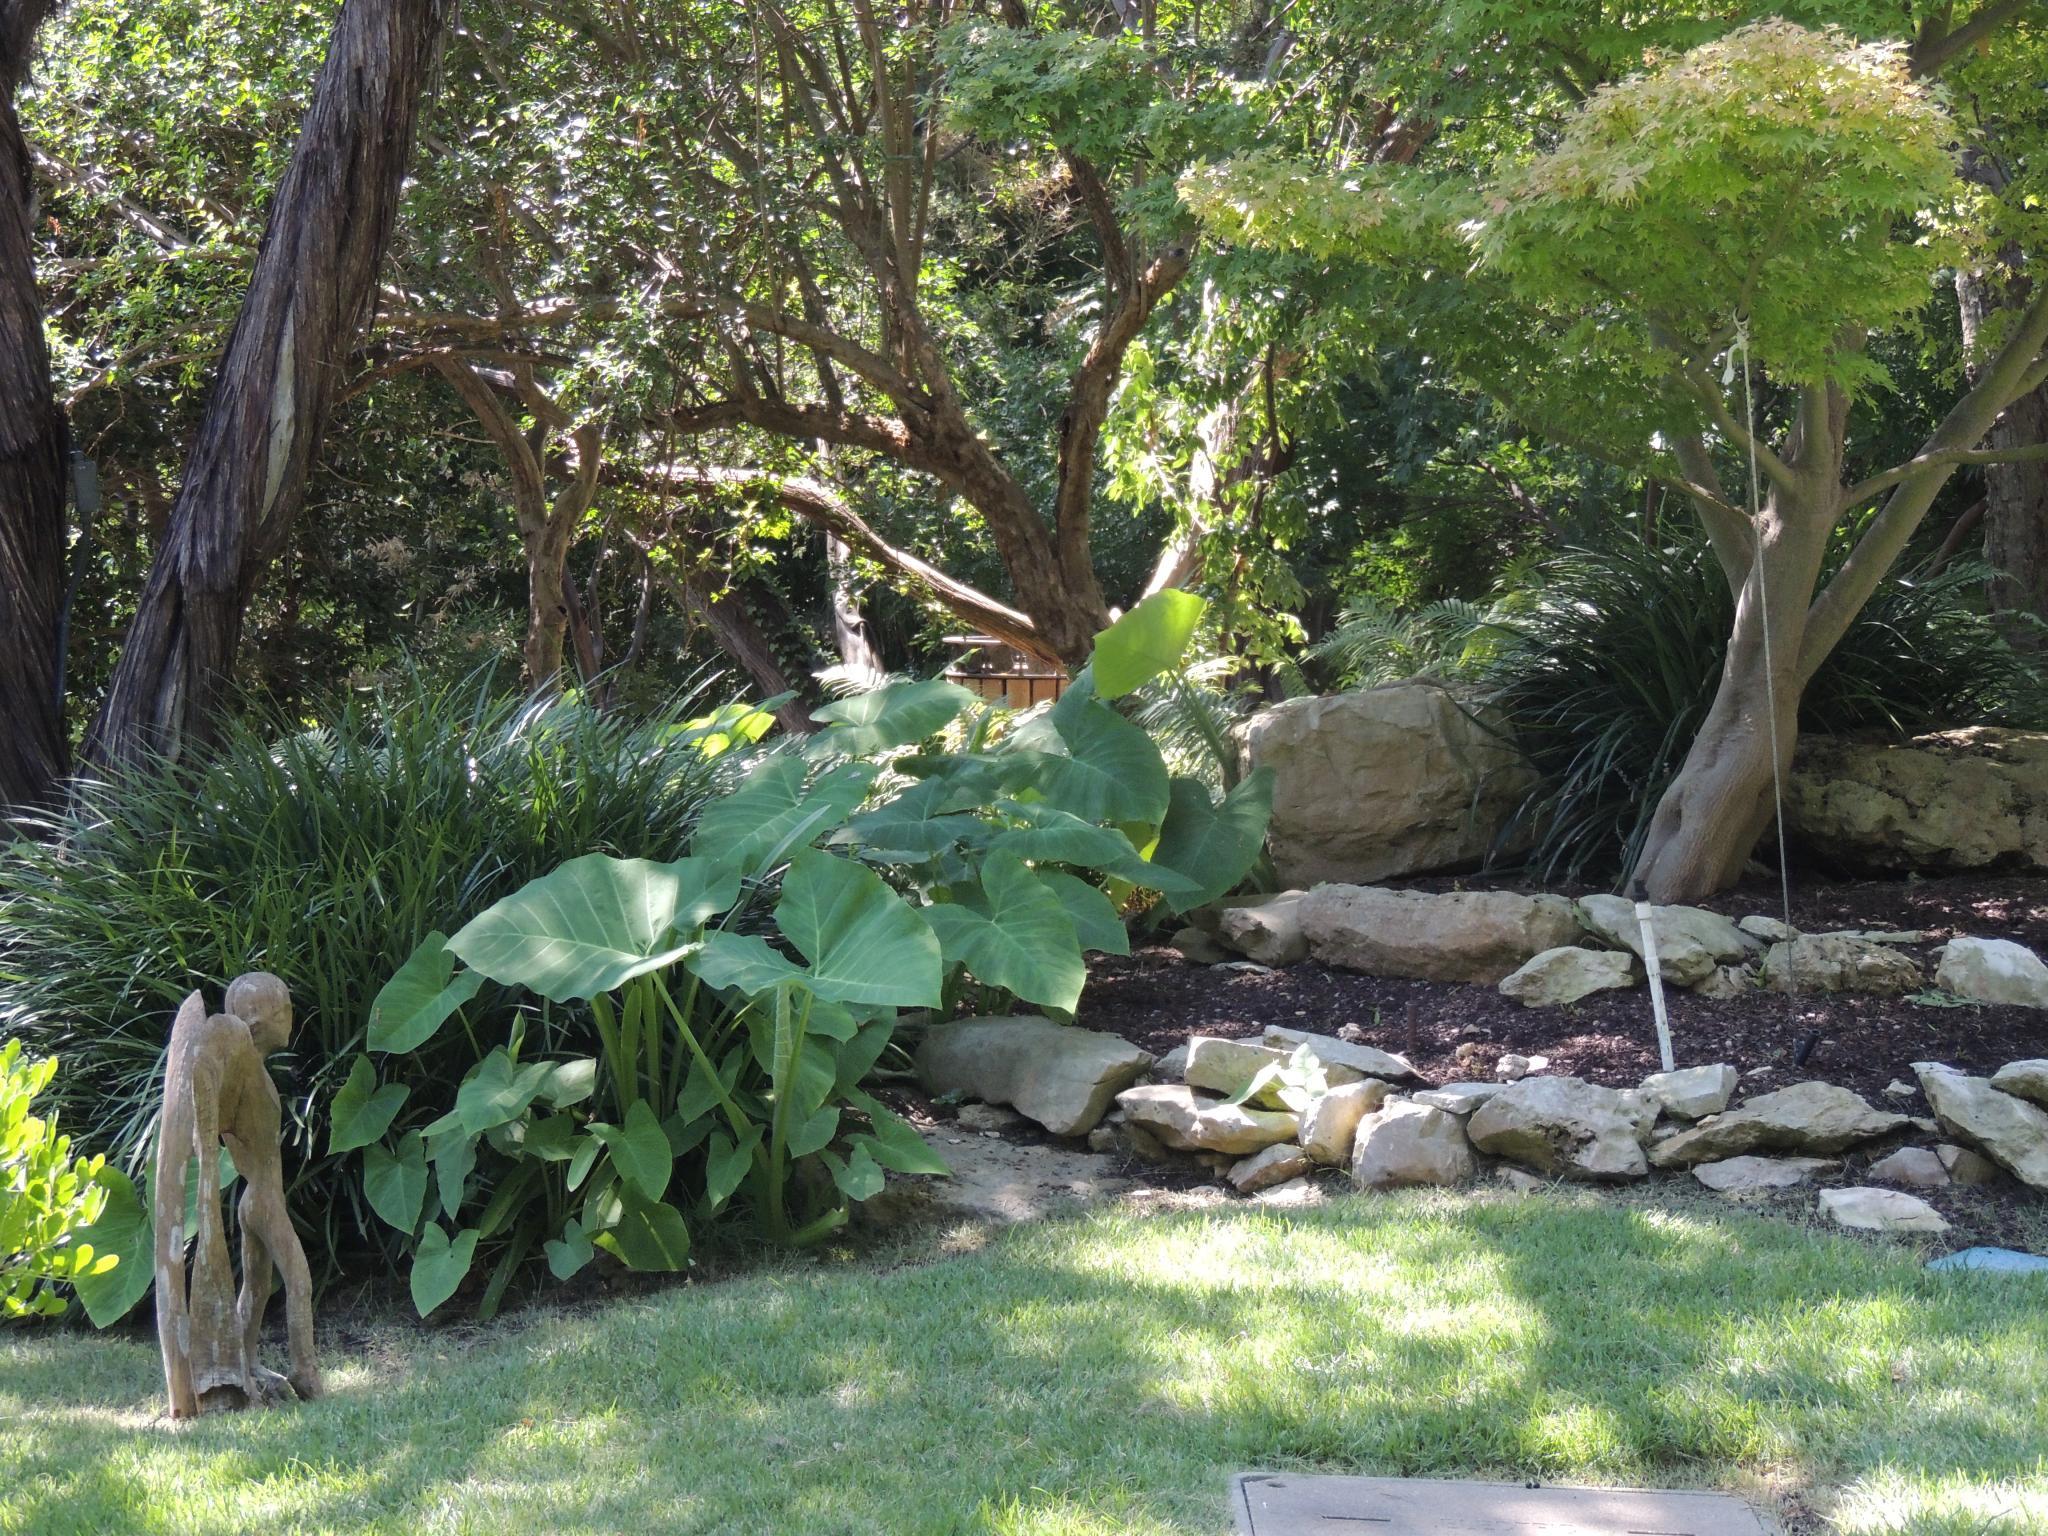 Bonnieu0027s Visit To The Zilker Botanical Garden In Texas